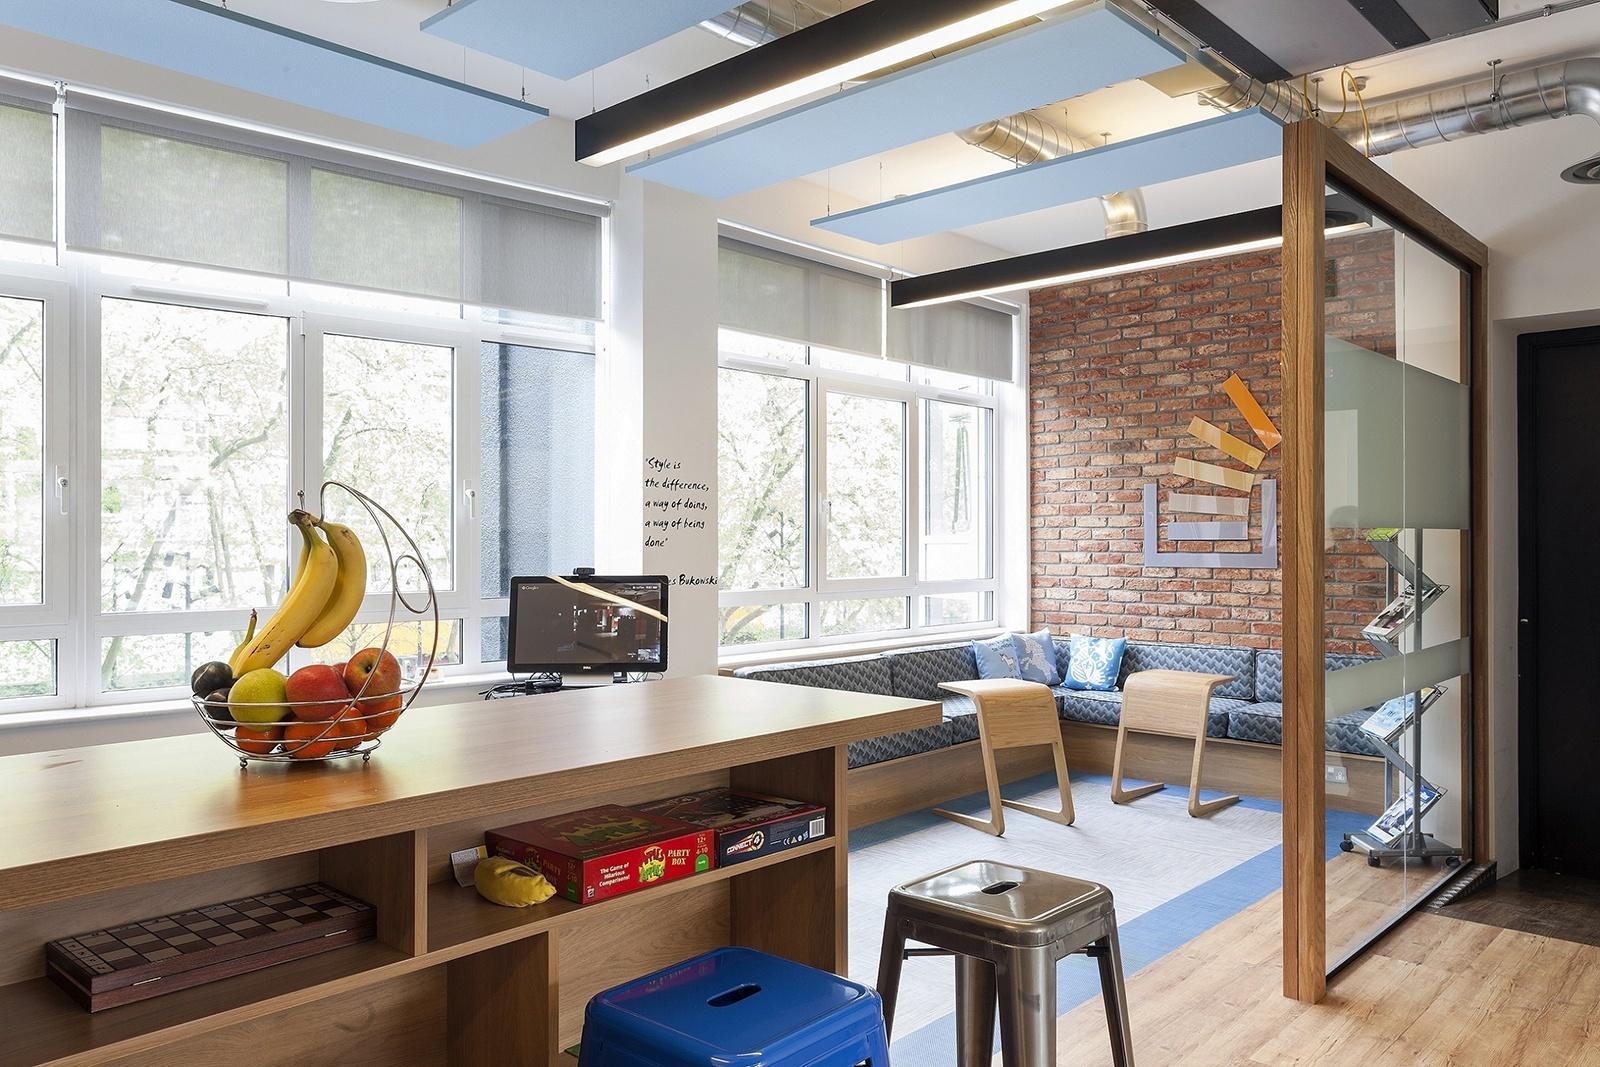 A Peek Inside Stack Exchange's Hip London Office